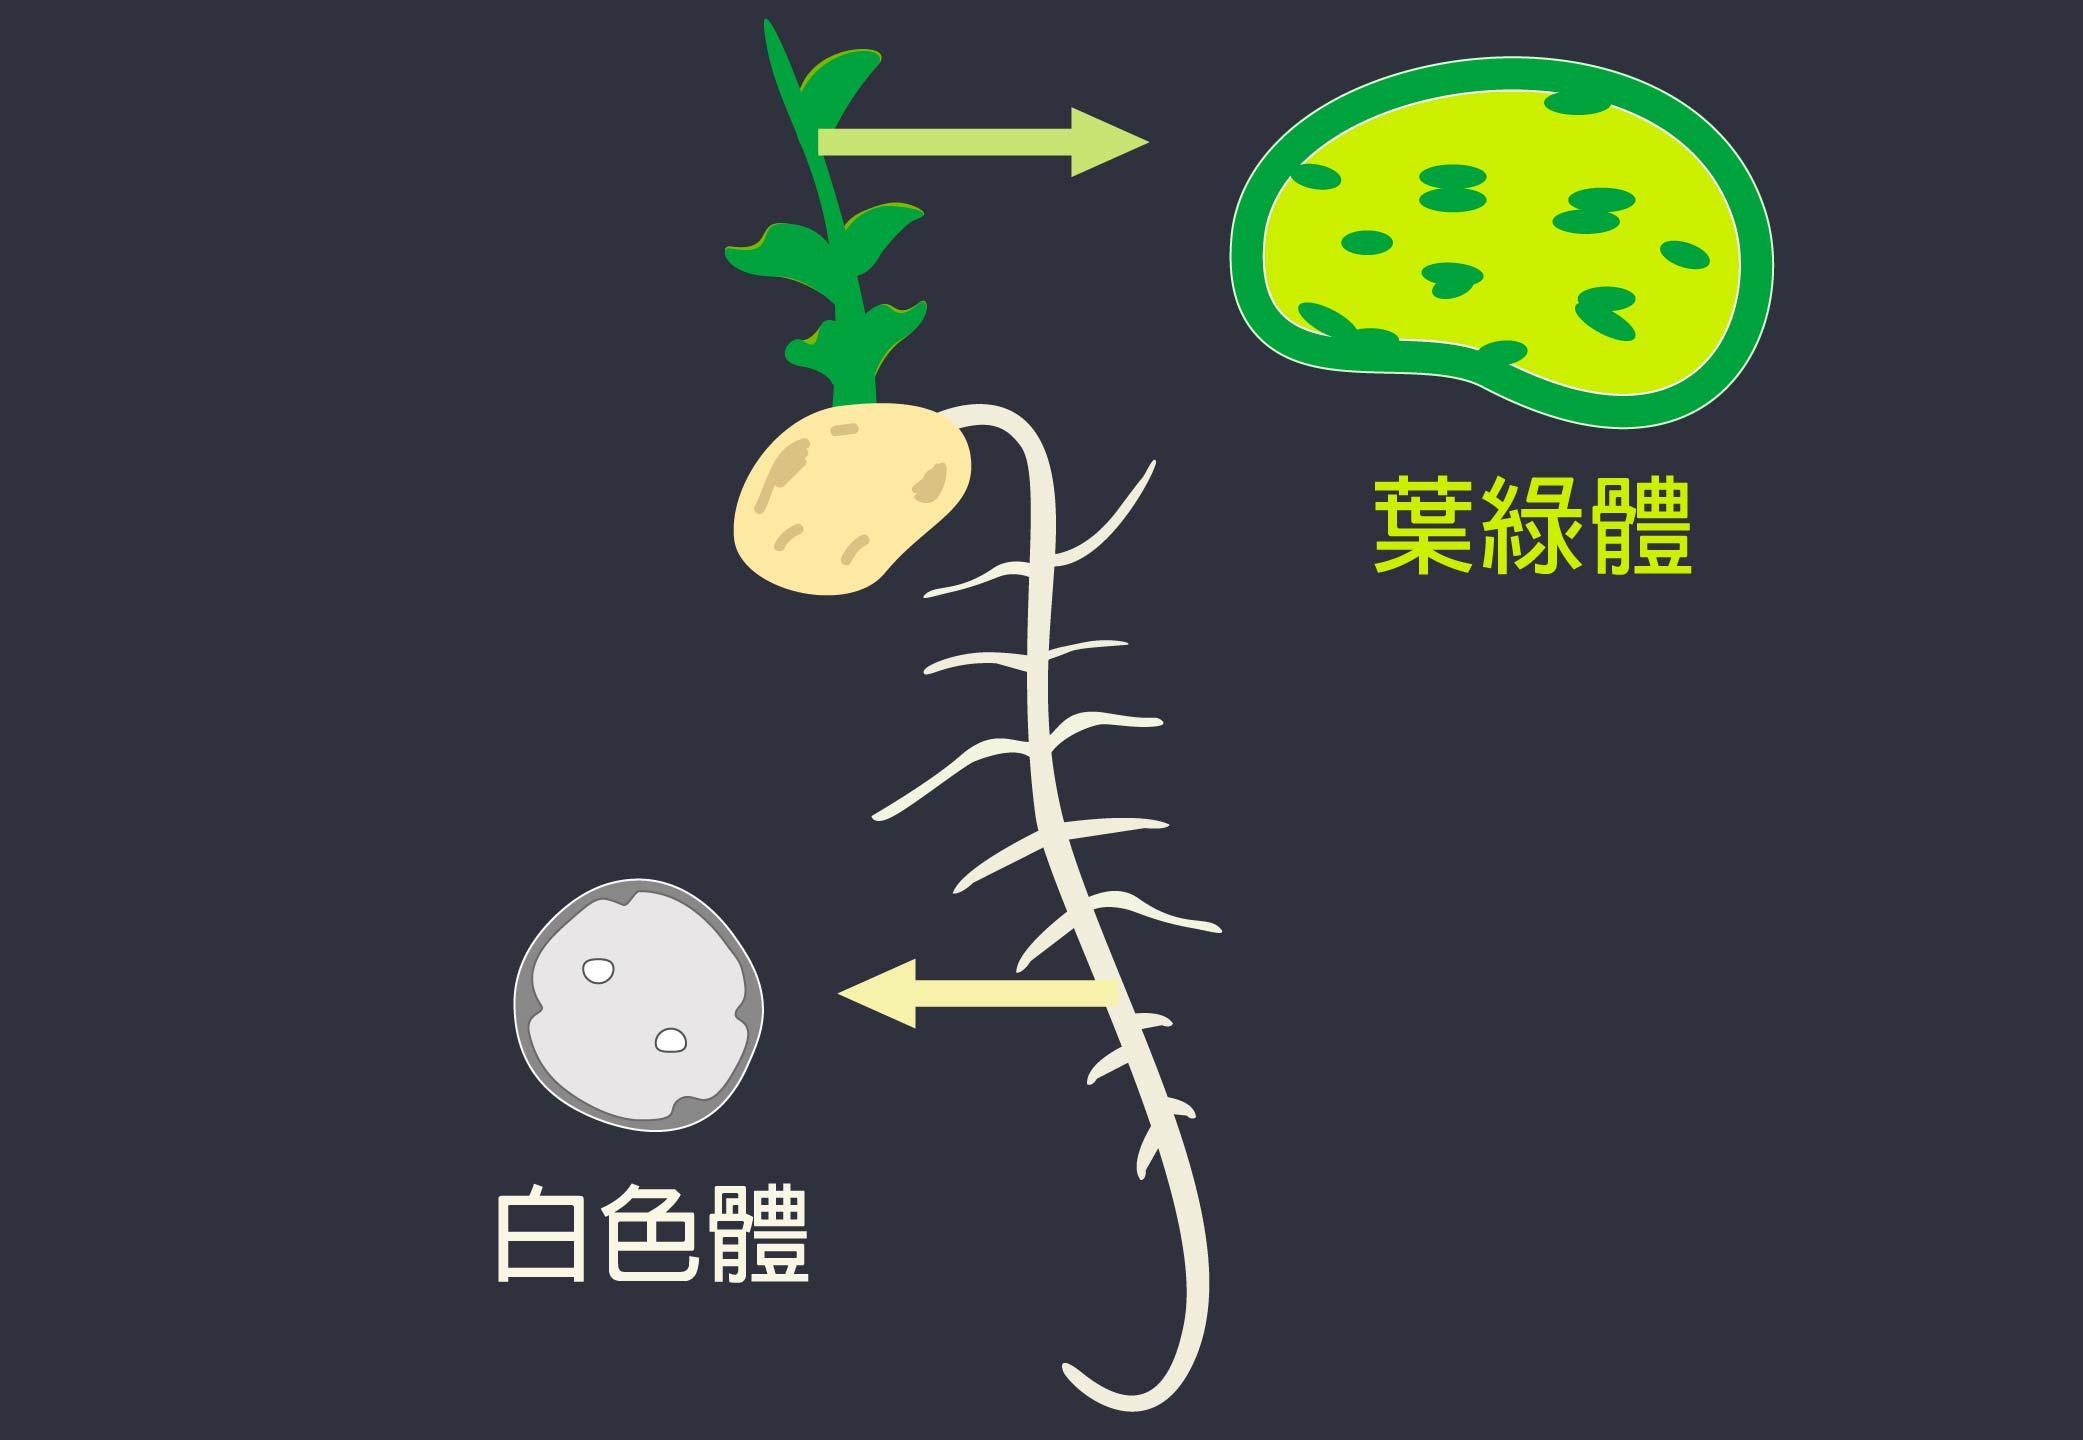 豌豆葉片上的葉綠體與根部的白色體,兩者都是植物的色質體分化而來,所以結構很相似,一樣都具有內外膜的橋樑:TIC236。圖片重製│林洵安